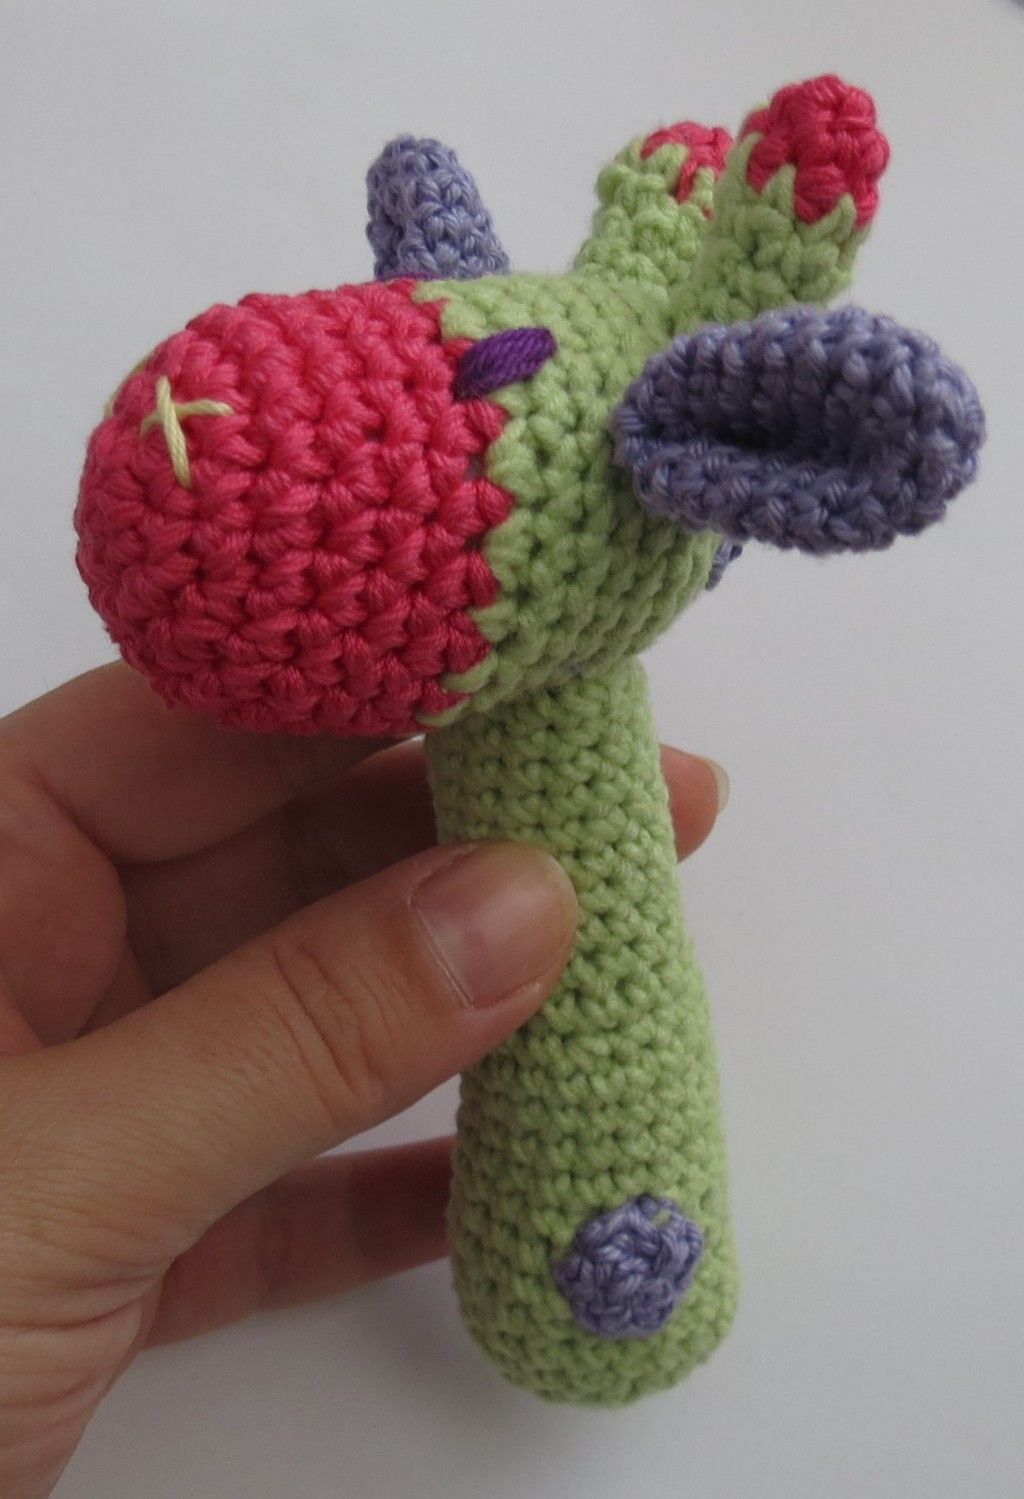 DIY Free Crochet Pattern of a Giraffe Like Baby Rattle | Giraffe ...